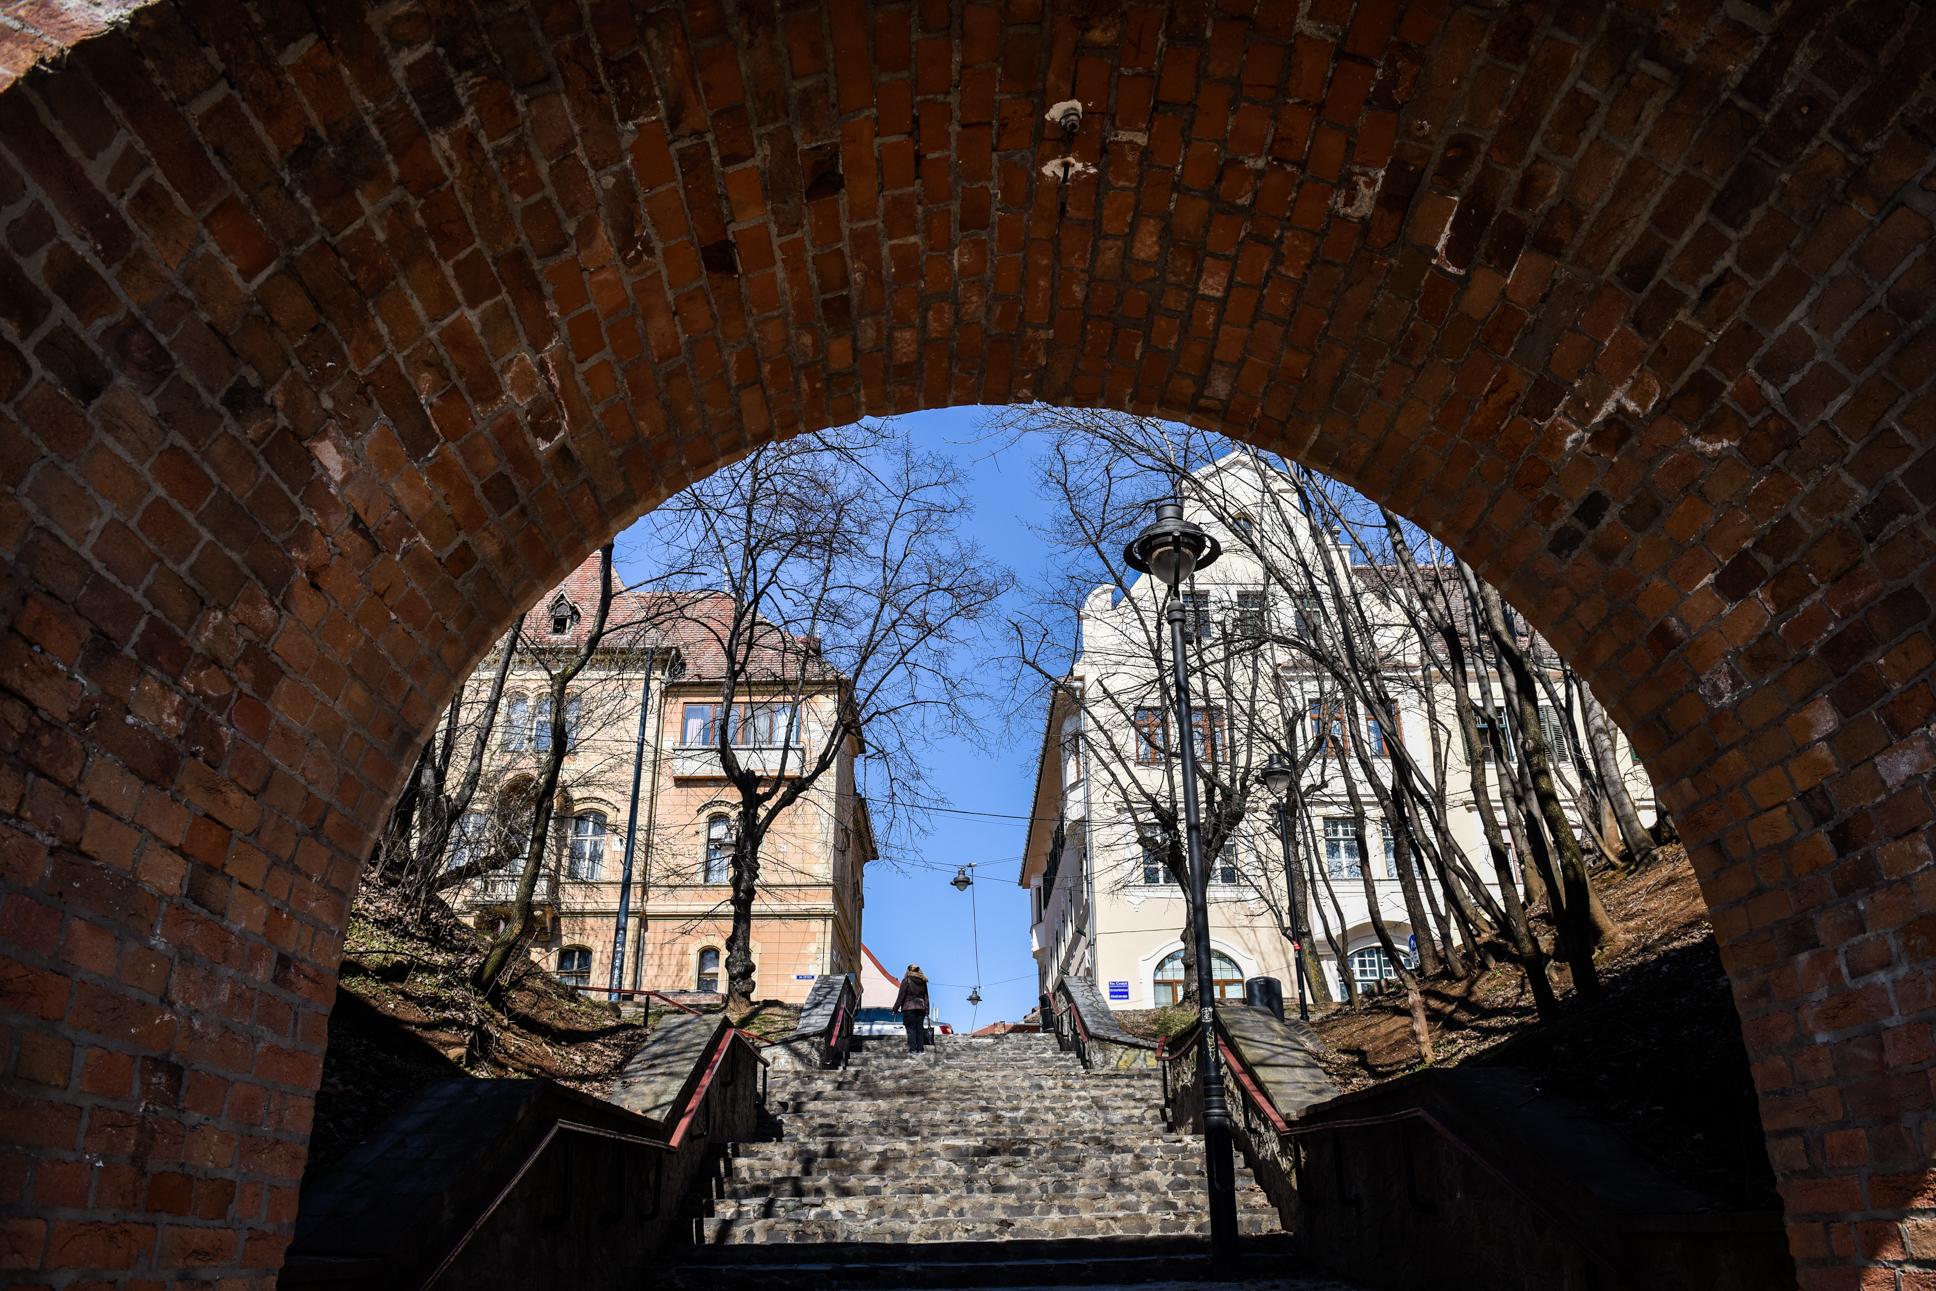 Incidența scade în Cisnădie, dar crește în Șelimbăr și Mediaș. În Sibiu, rata de infectare rămâne aproape la fel